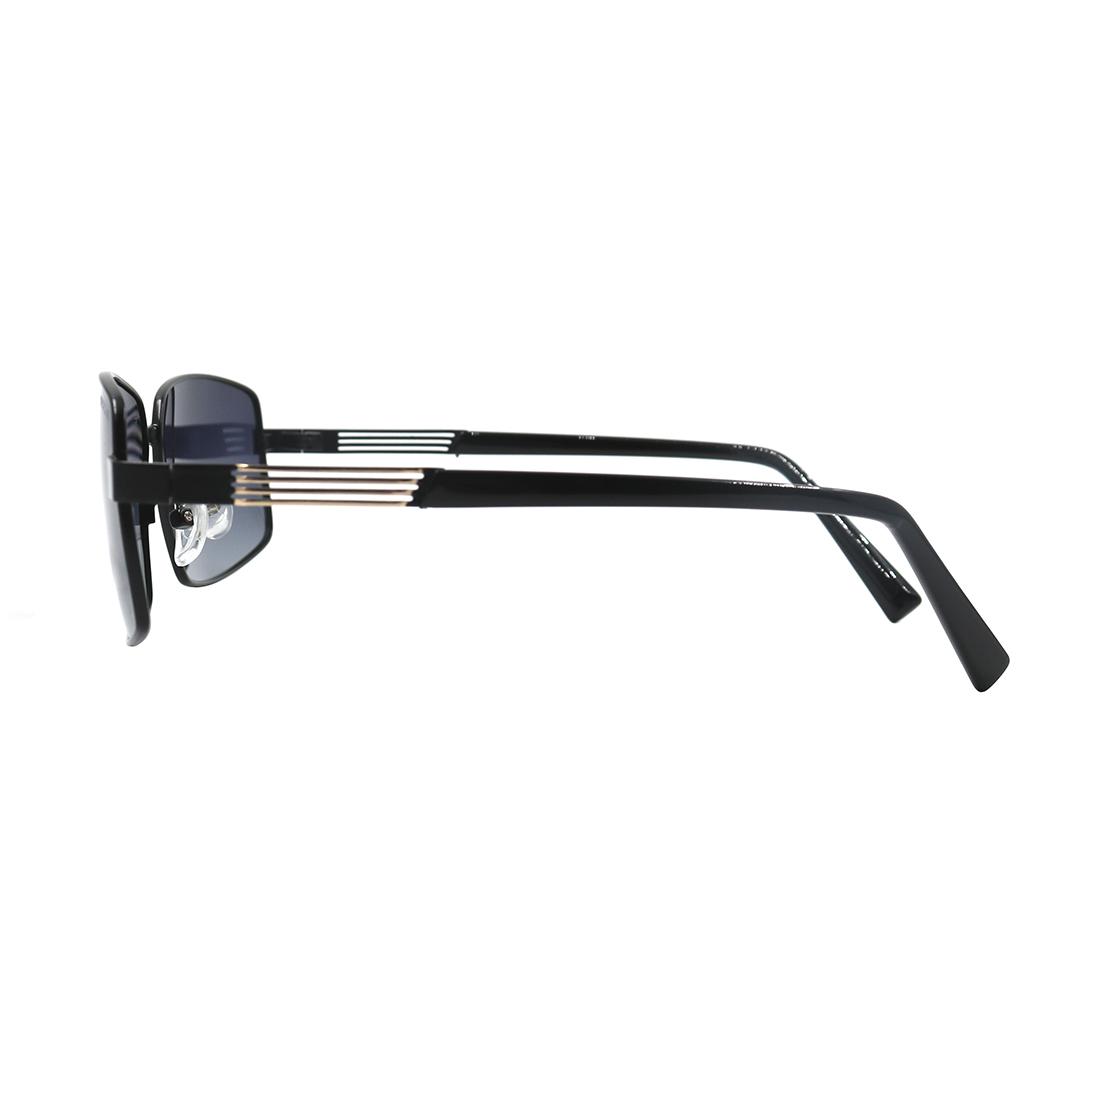 Kính mát, mắt kính SARIFA J3076 C4 (61-15-142), mắt kính chống UV, mắt kính thời trang